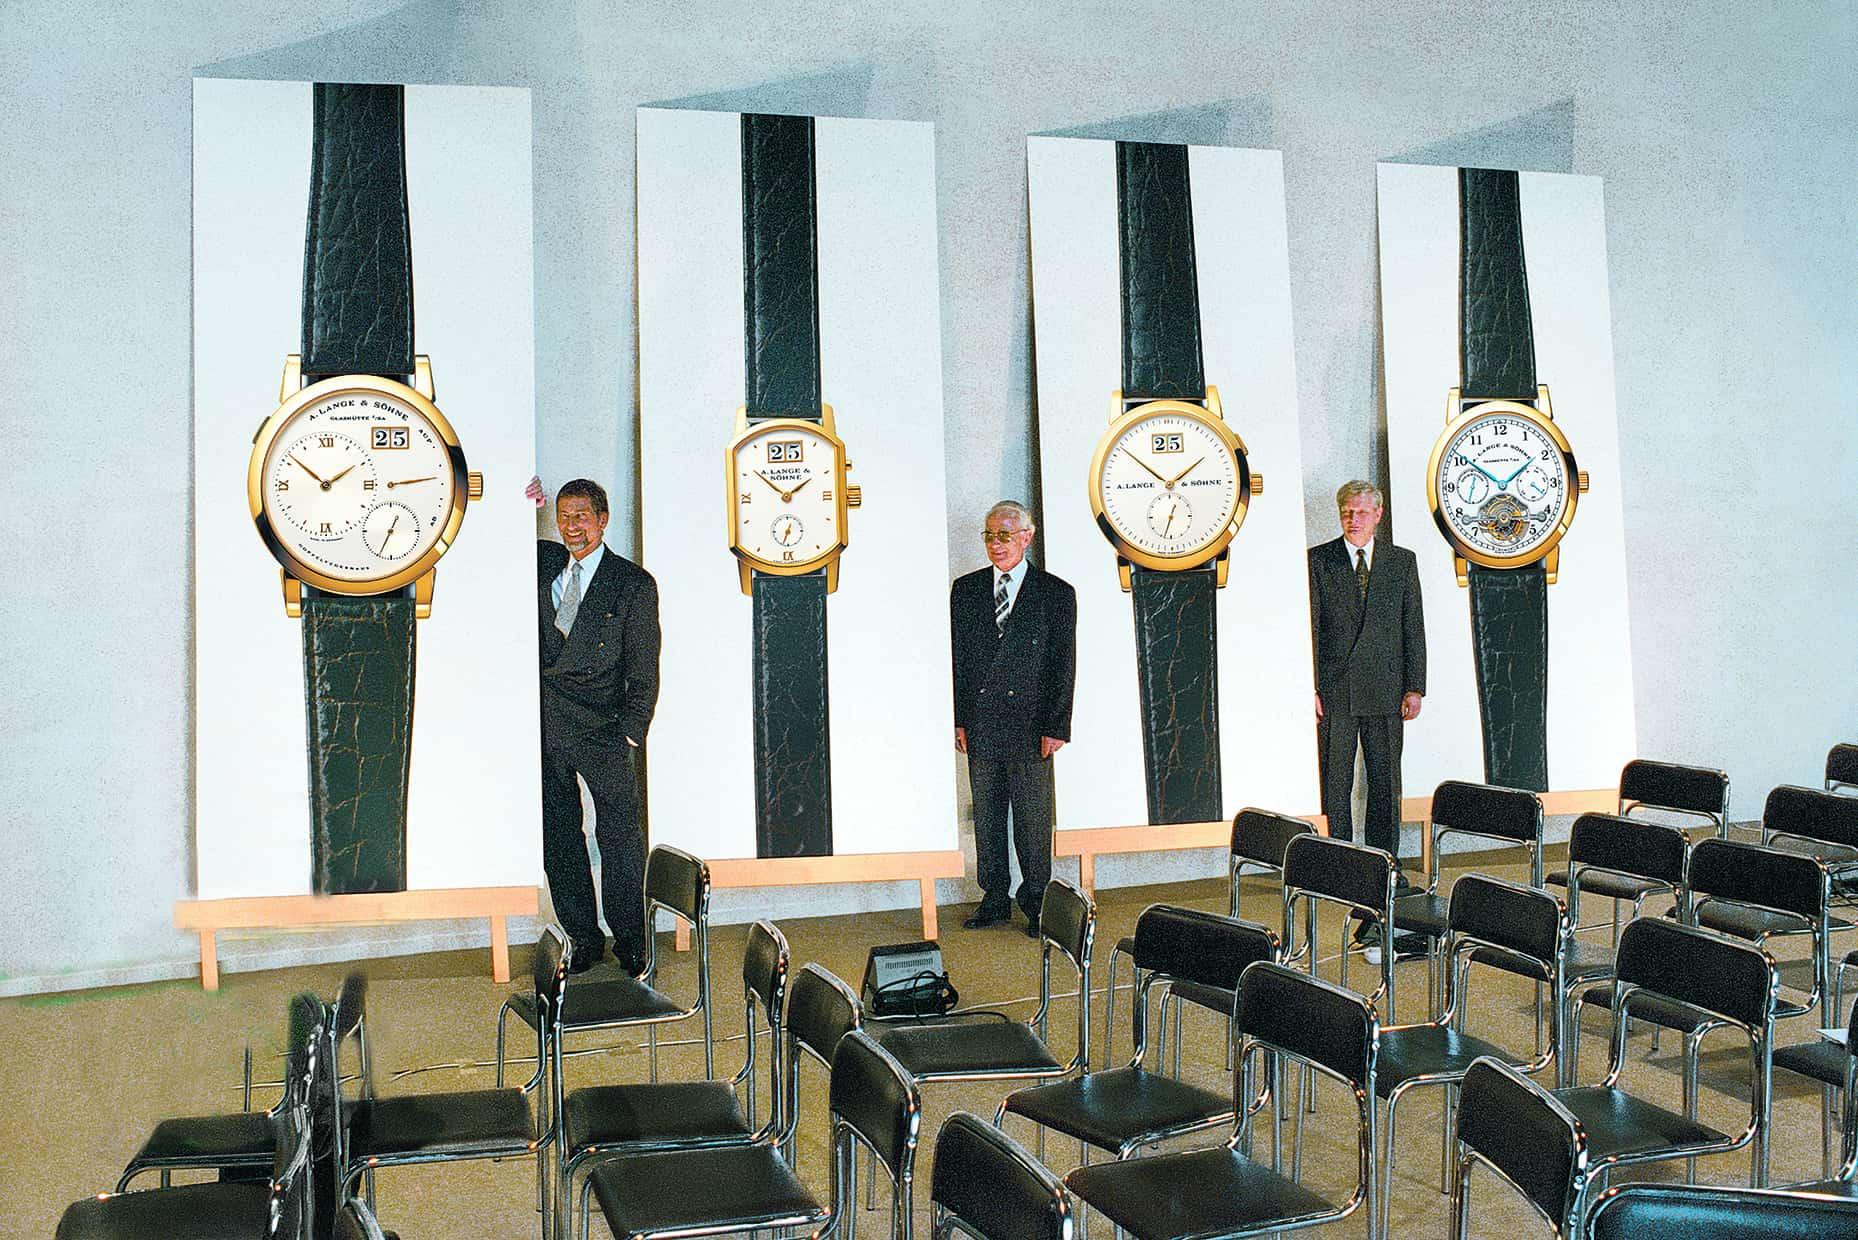 Am 24. Oktober 1994 präsentieren Günter Blümlein, Walter Lange und Hartmut Knothe die erste Neuzeit-Kollektion von A. Lange & Söhne